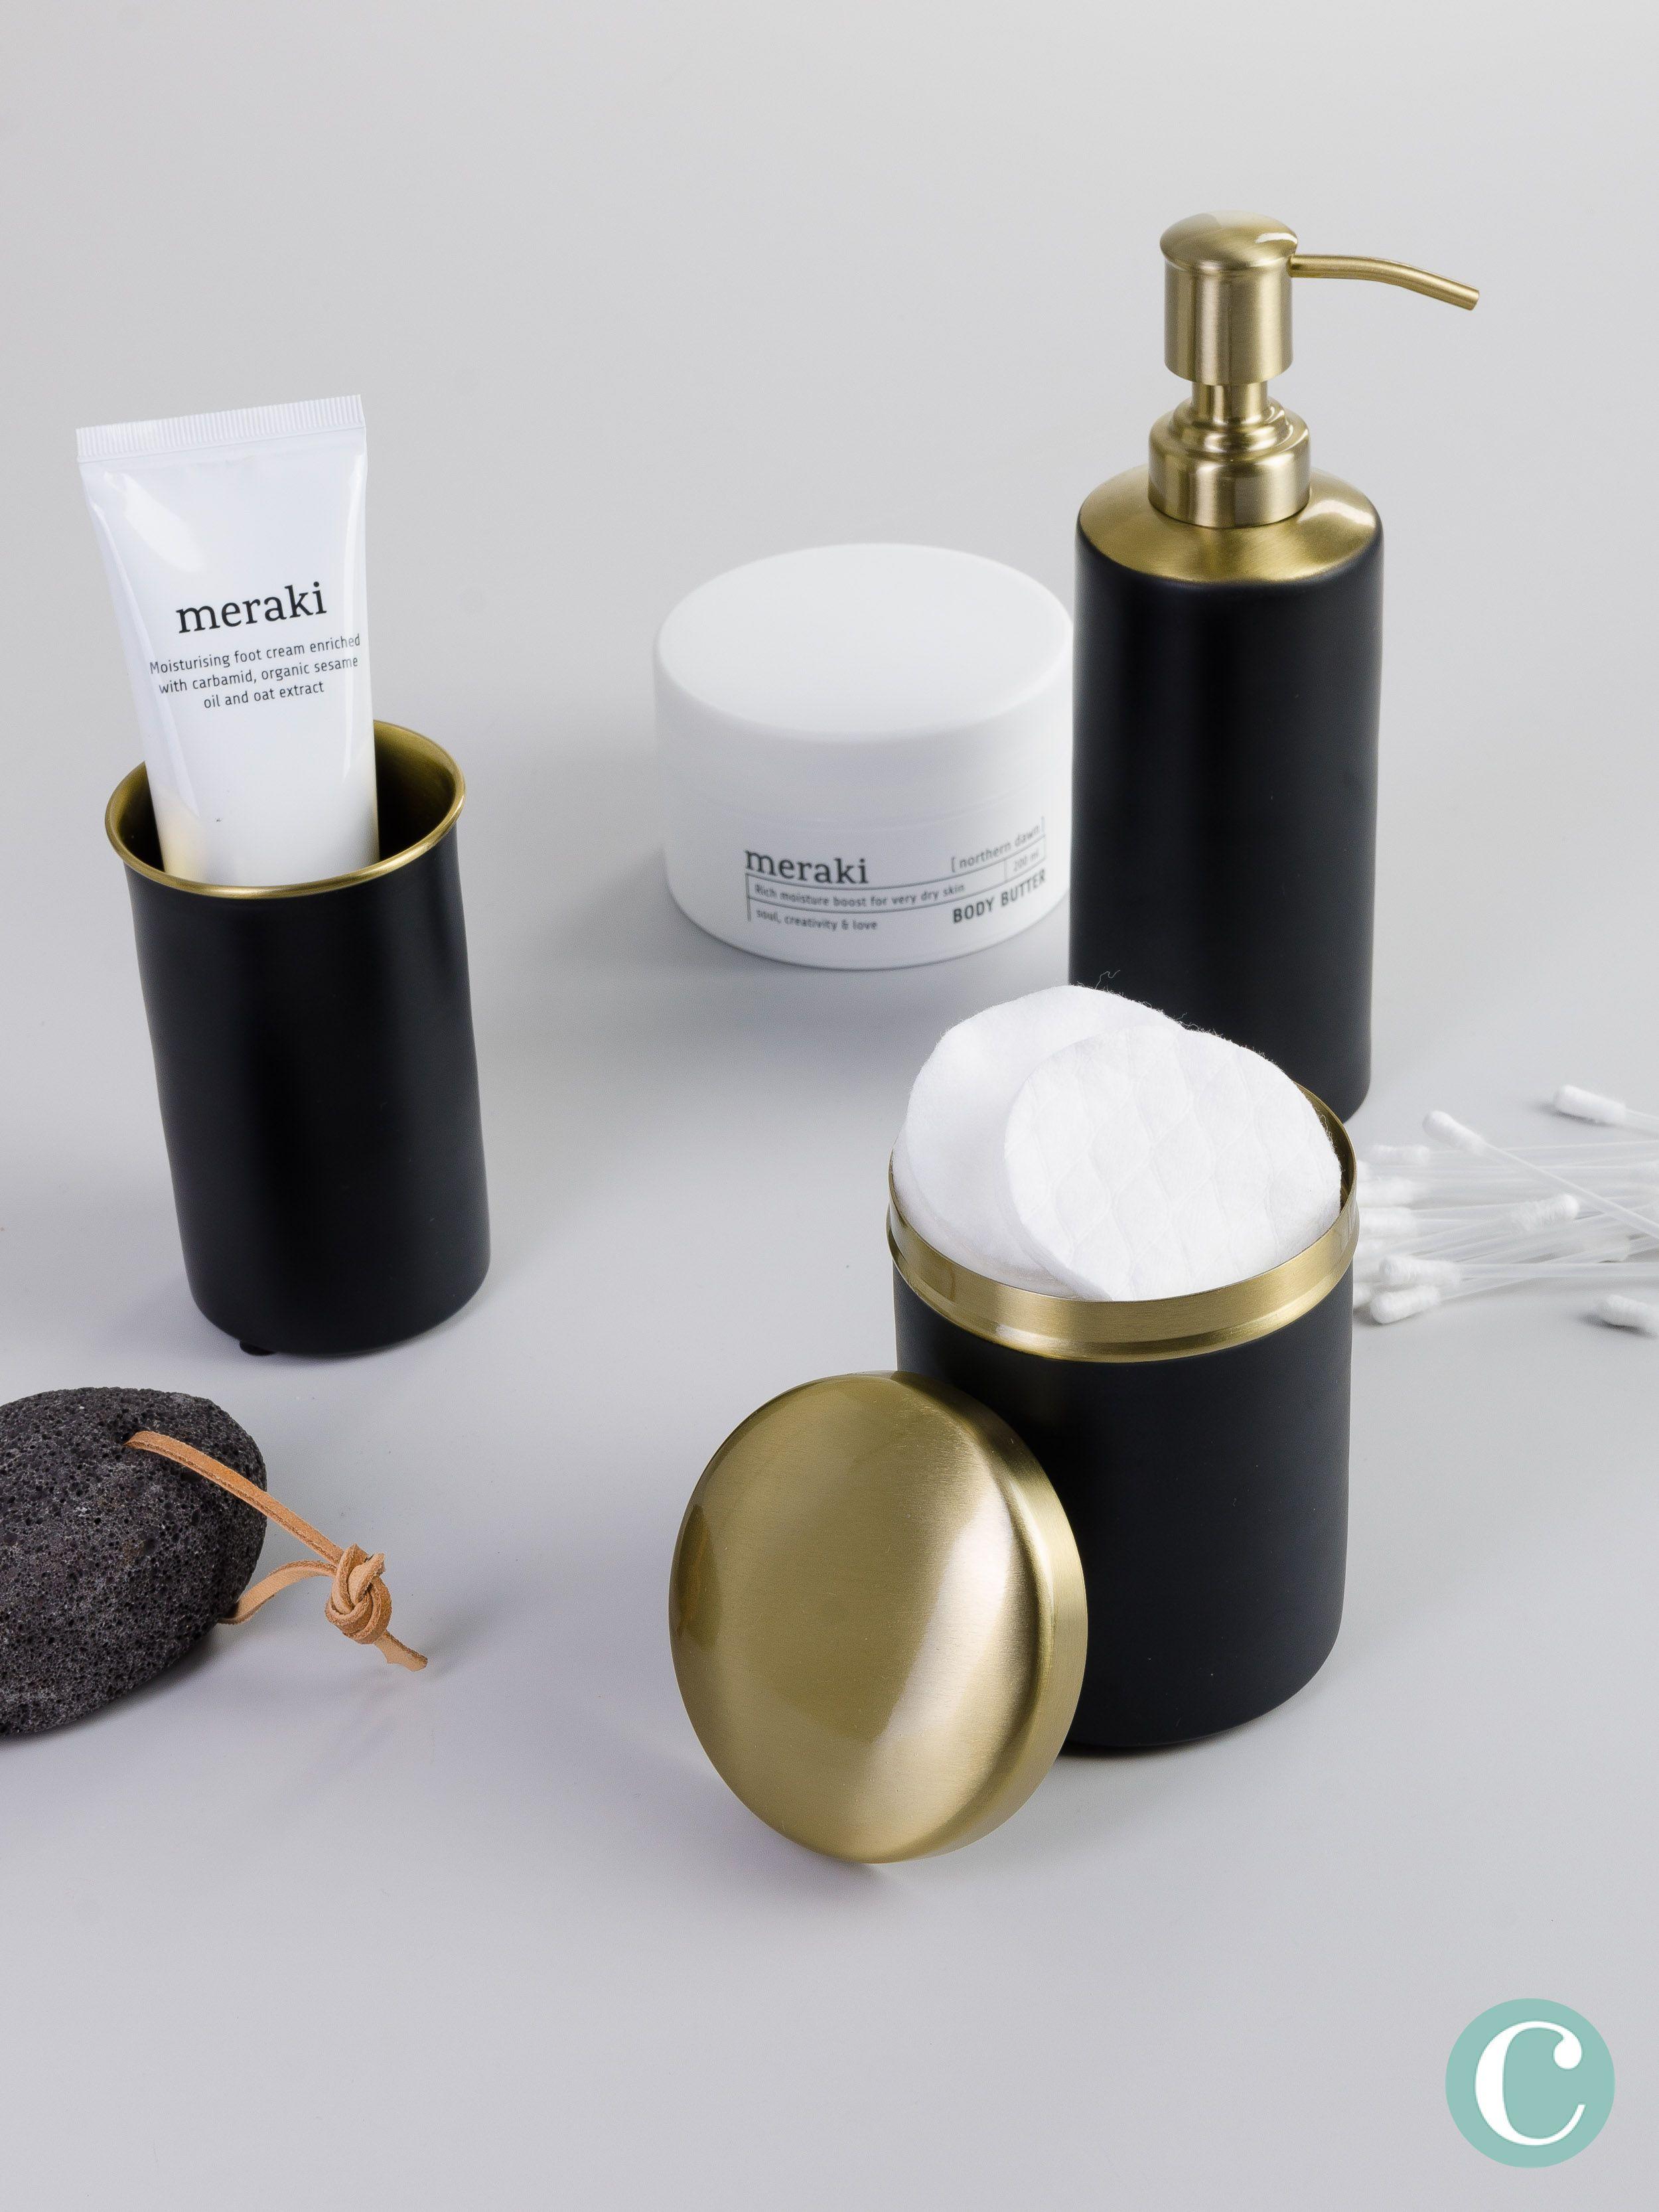 Ein Schlichtes Aber Elegantes Design In Gold Und Schwarz Fur Das Badezimmer Eine Dose Ein Seifenspender Und Ein Zah Seifenspender Schwarz Seifenspender Seife